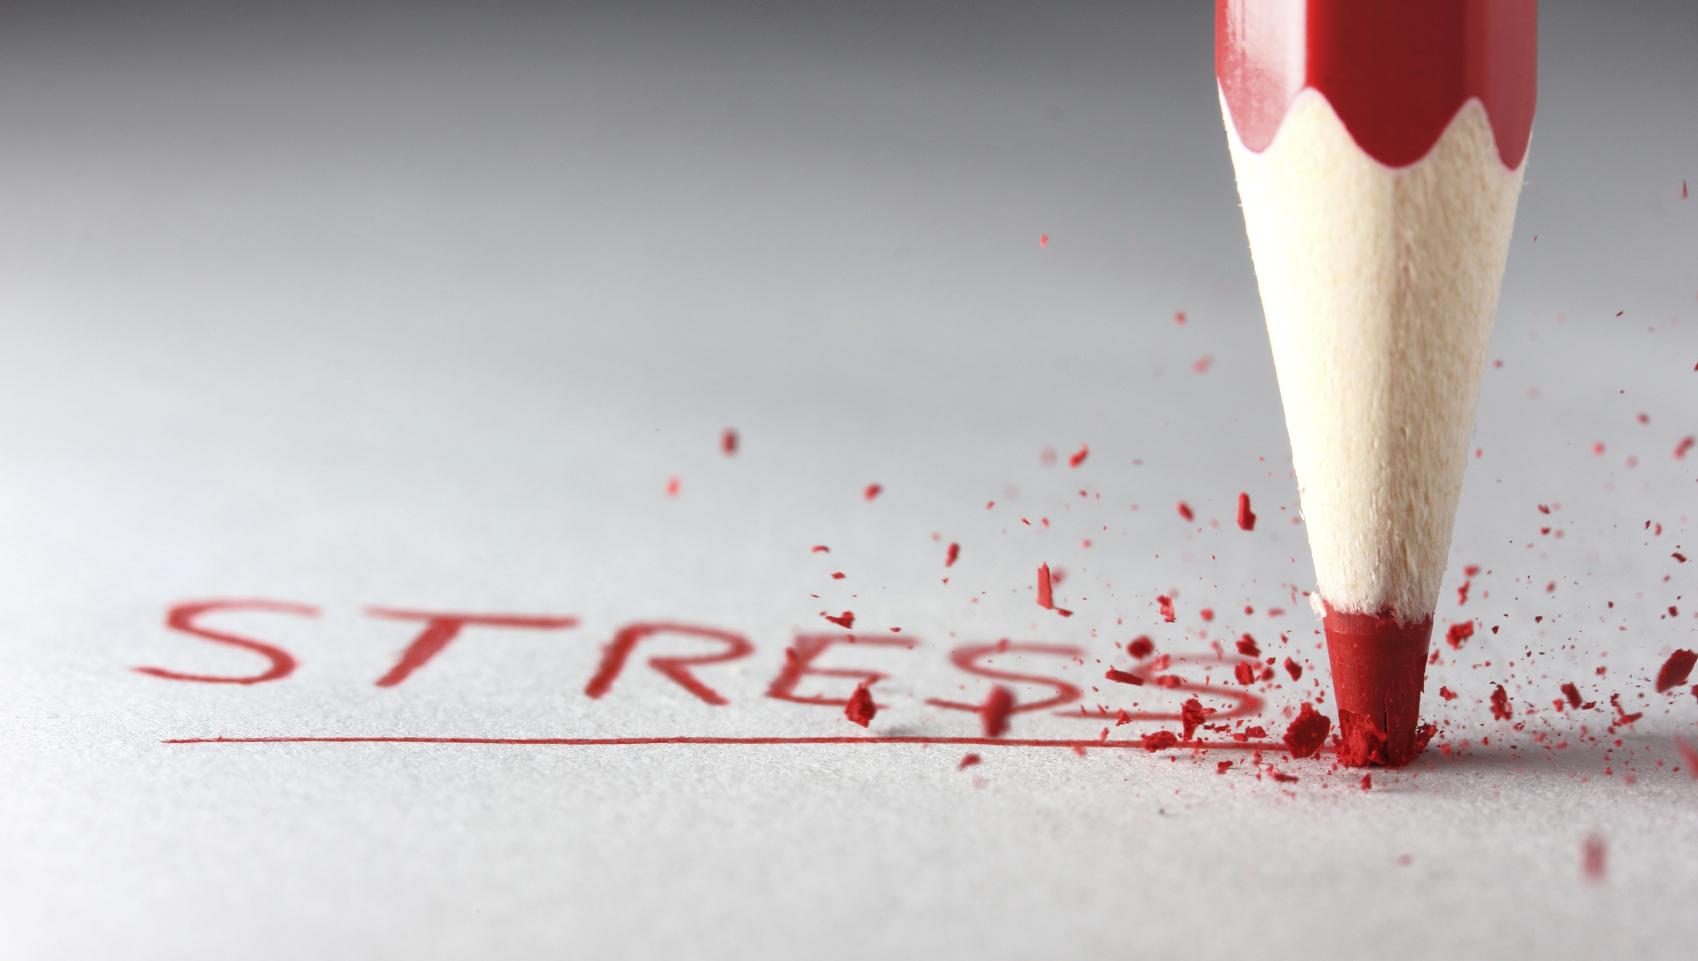 Третина людства потерпає від стресу, — дослідження